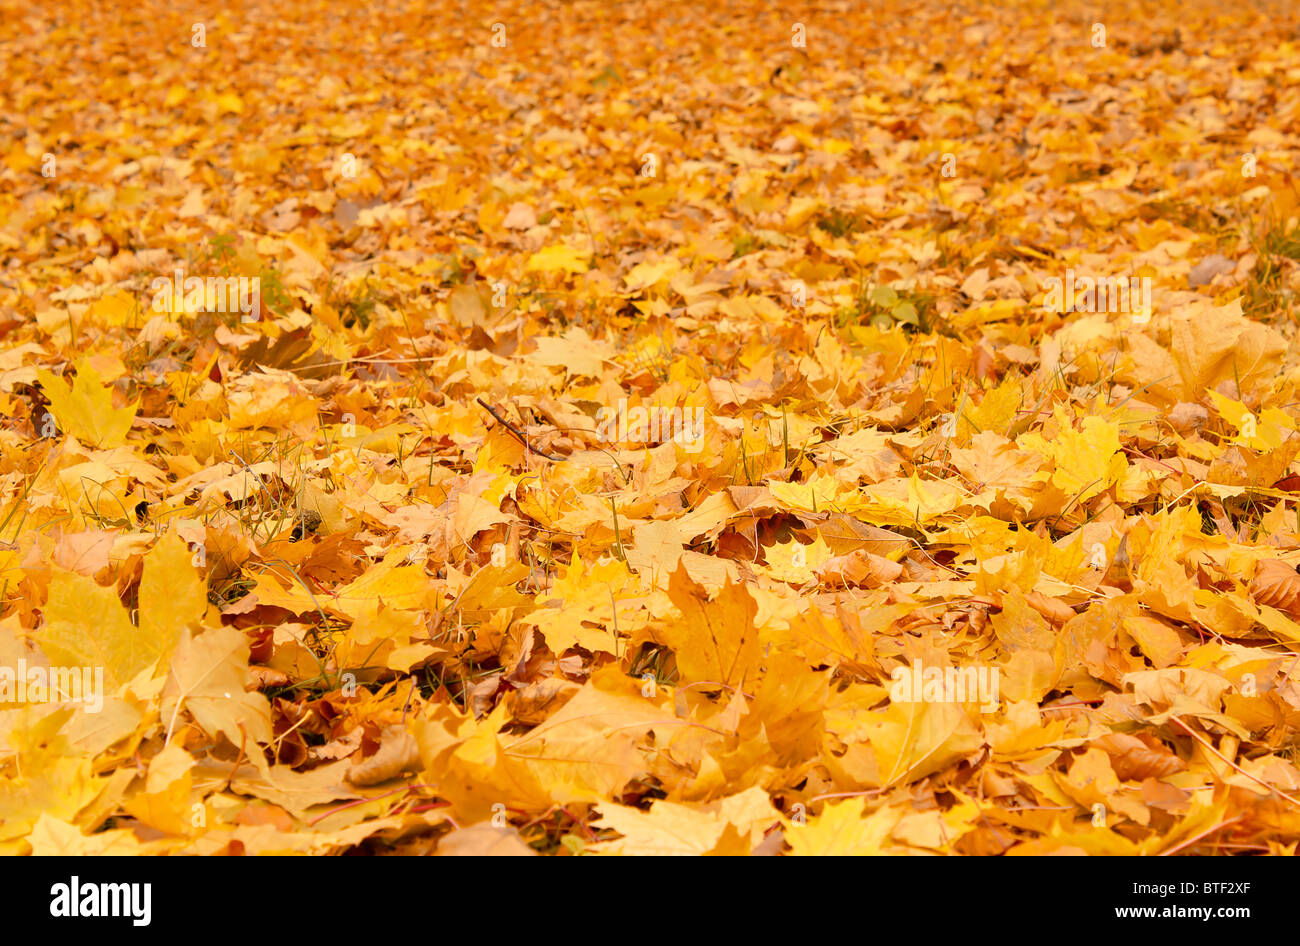 Arancio cadono le foglie di autunno a terra Immagini Stock